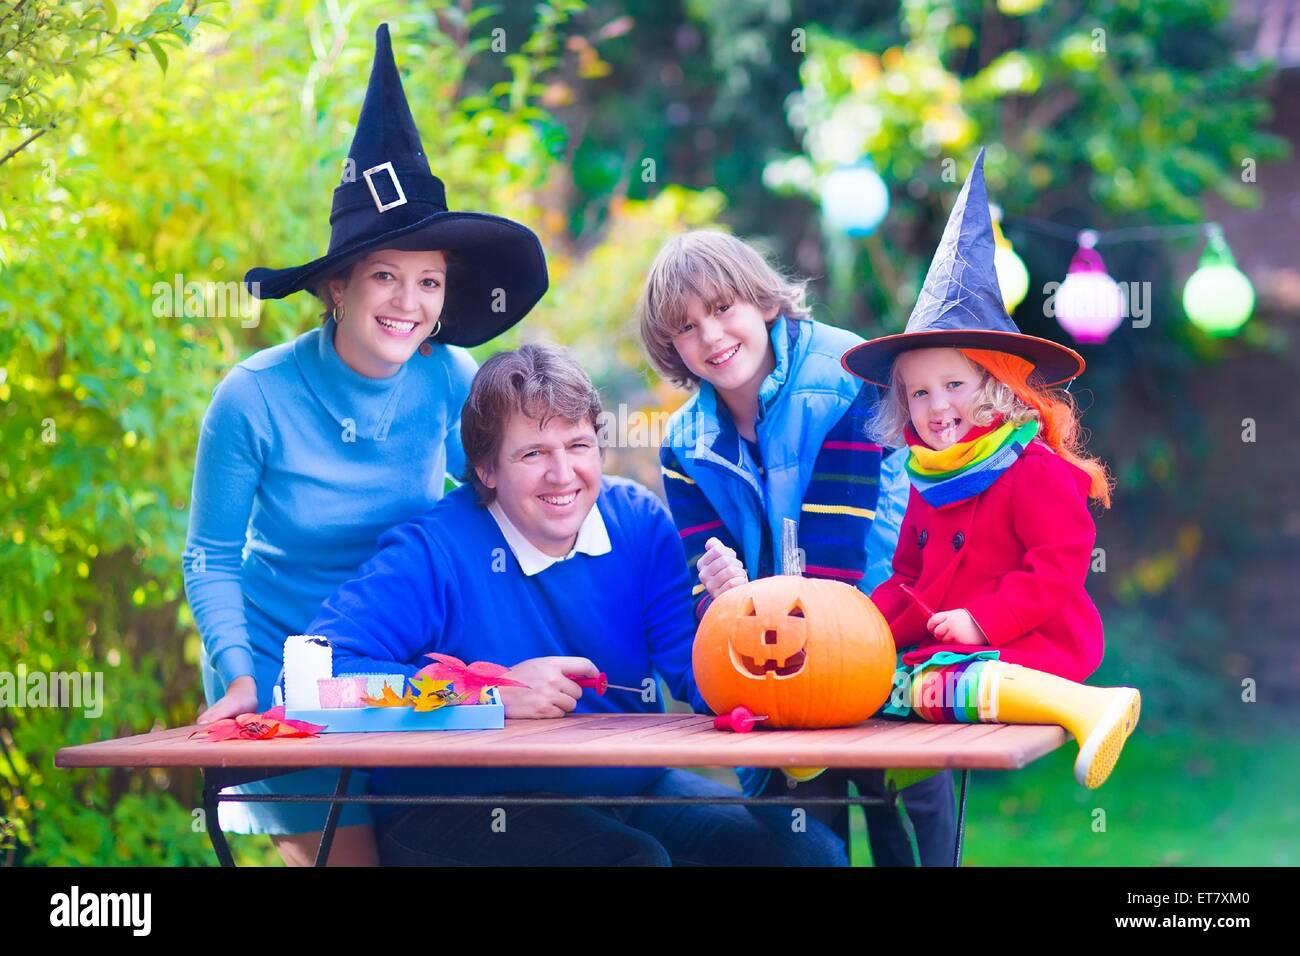 La famiglia felice, genitori con due bambini che indossano il costume strega e hat celebrare Halloween e zucca carving Immagini Stock